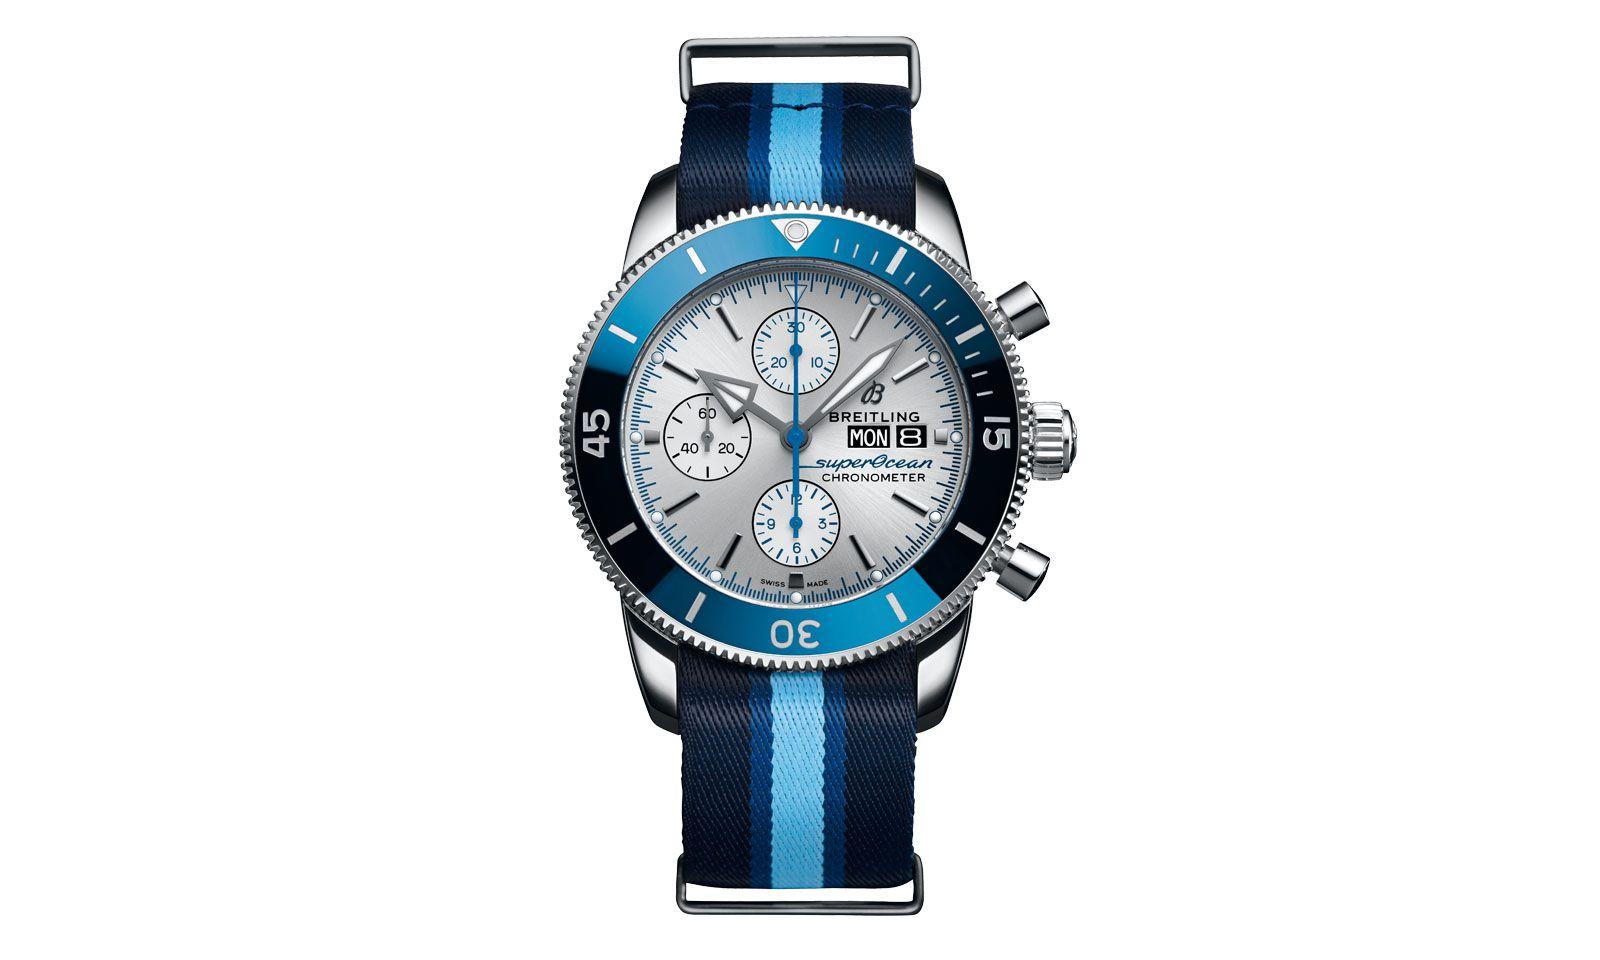 """Das Nato-Armband der Breitling """"Superocean Heritage Ocean Conservancy Limited Edition"""" wird aus ausgedienten Fischernetzen hergestellt."""